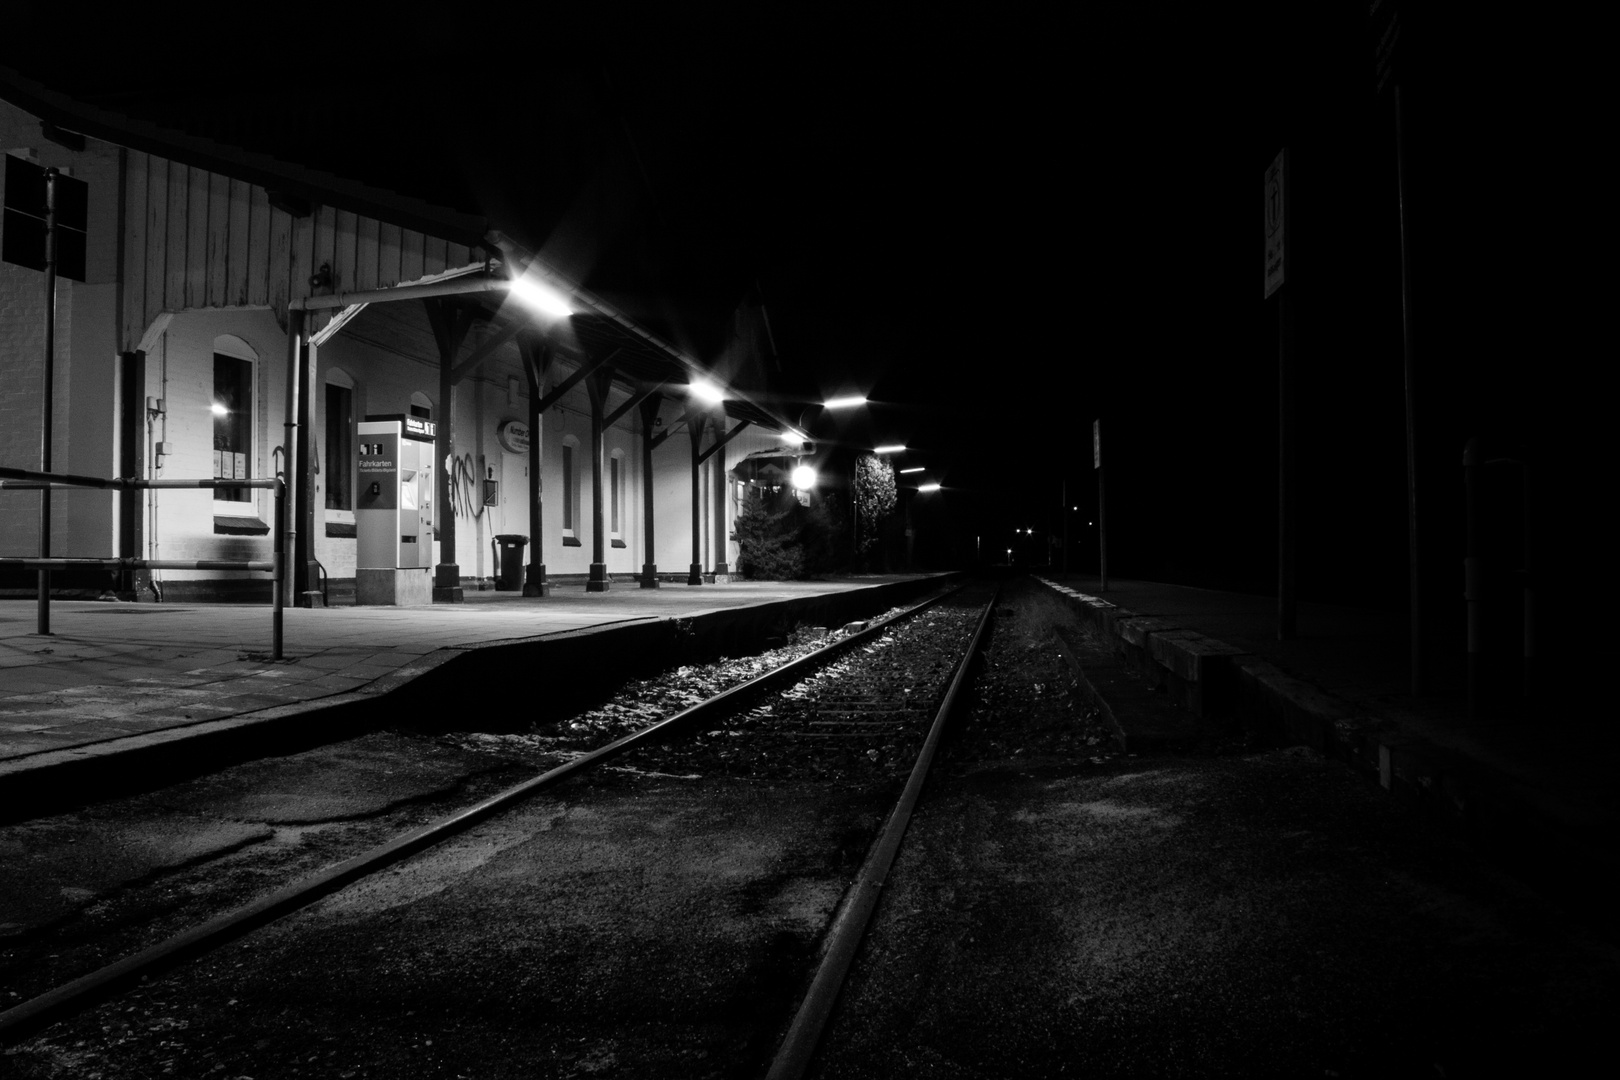 Bahnhof Munster bei Nacht - 02